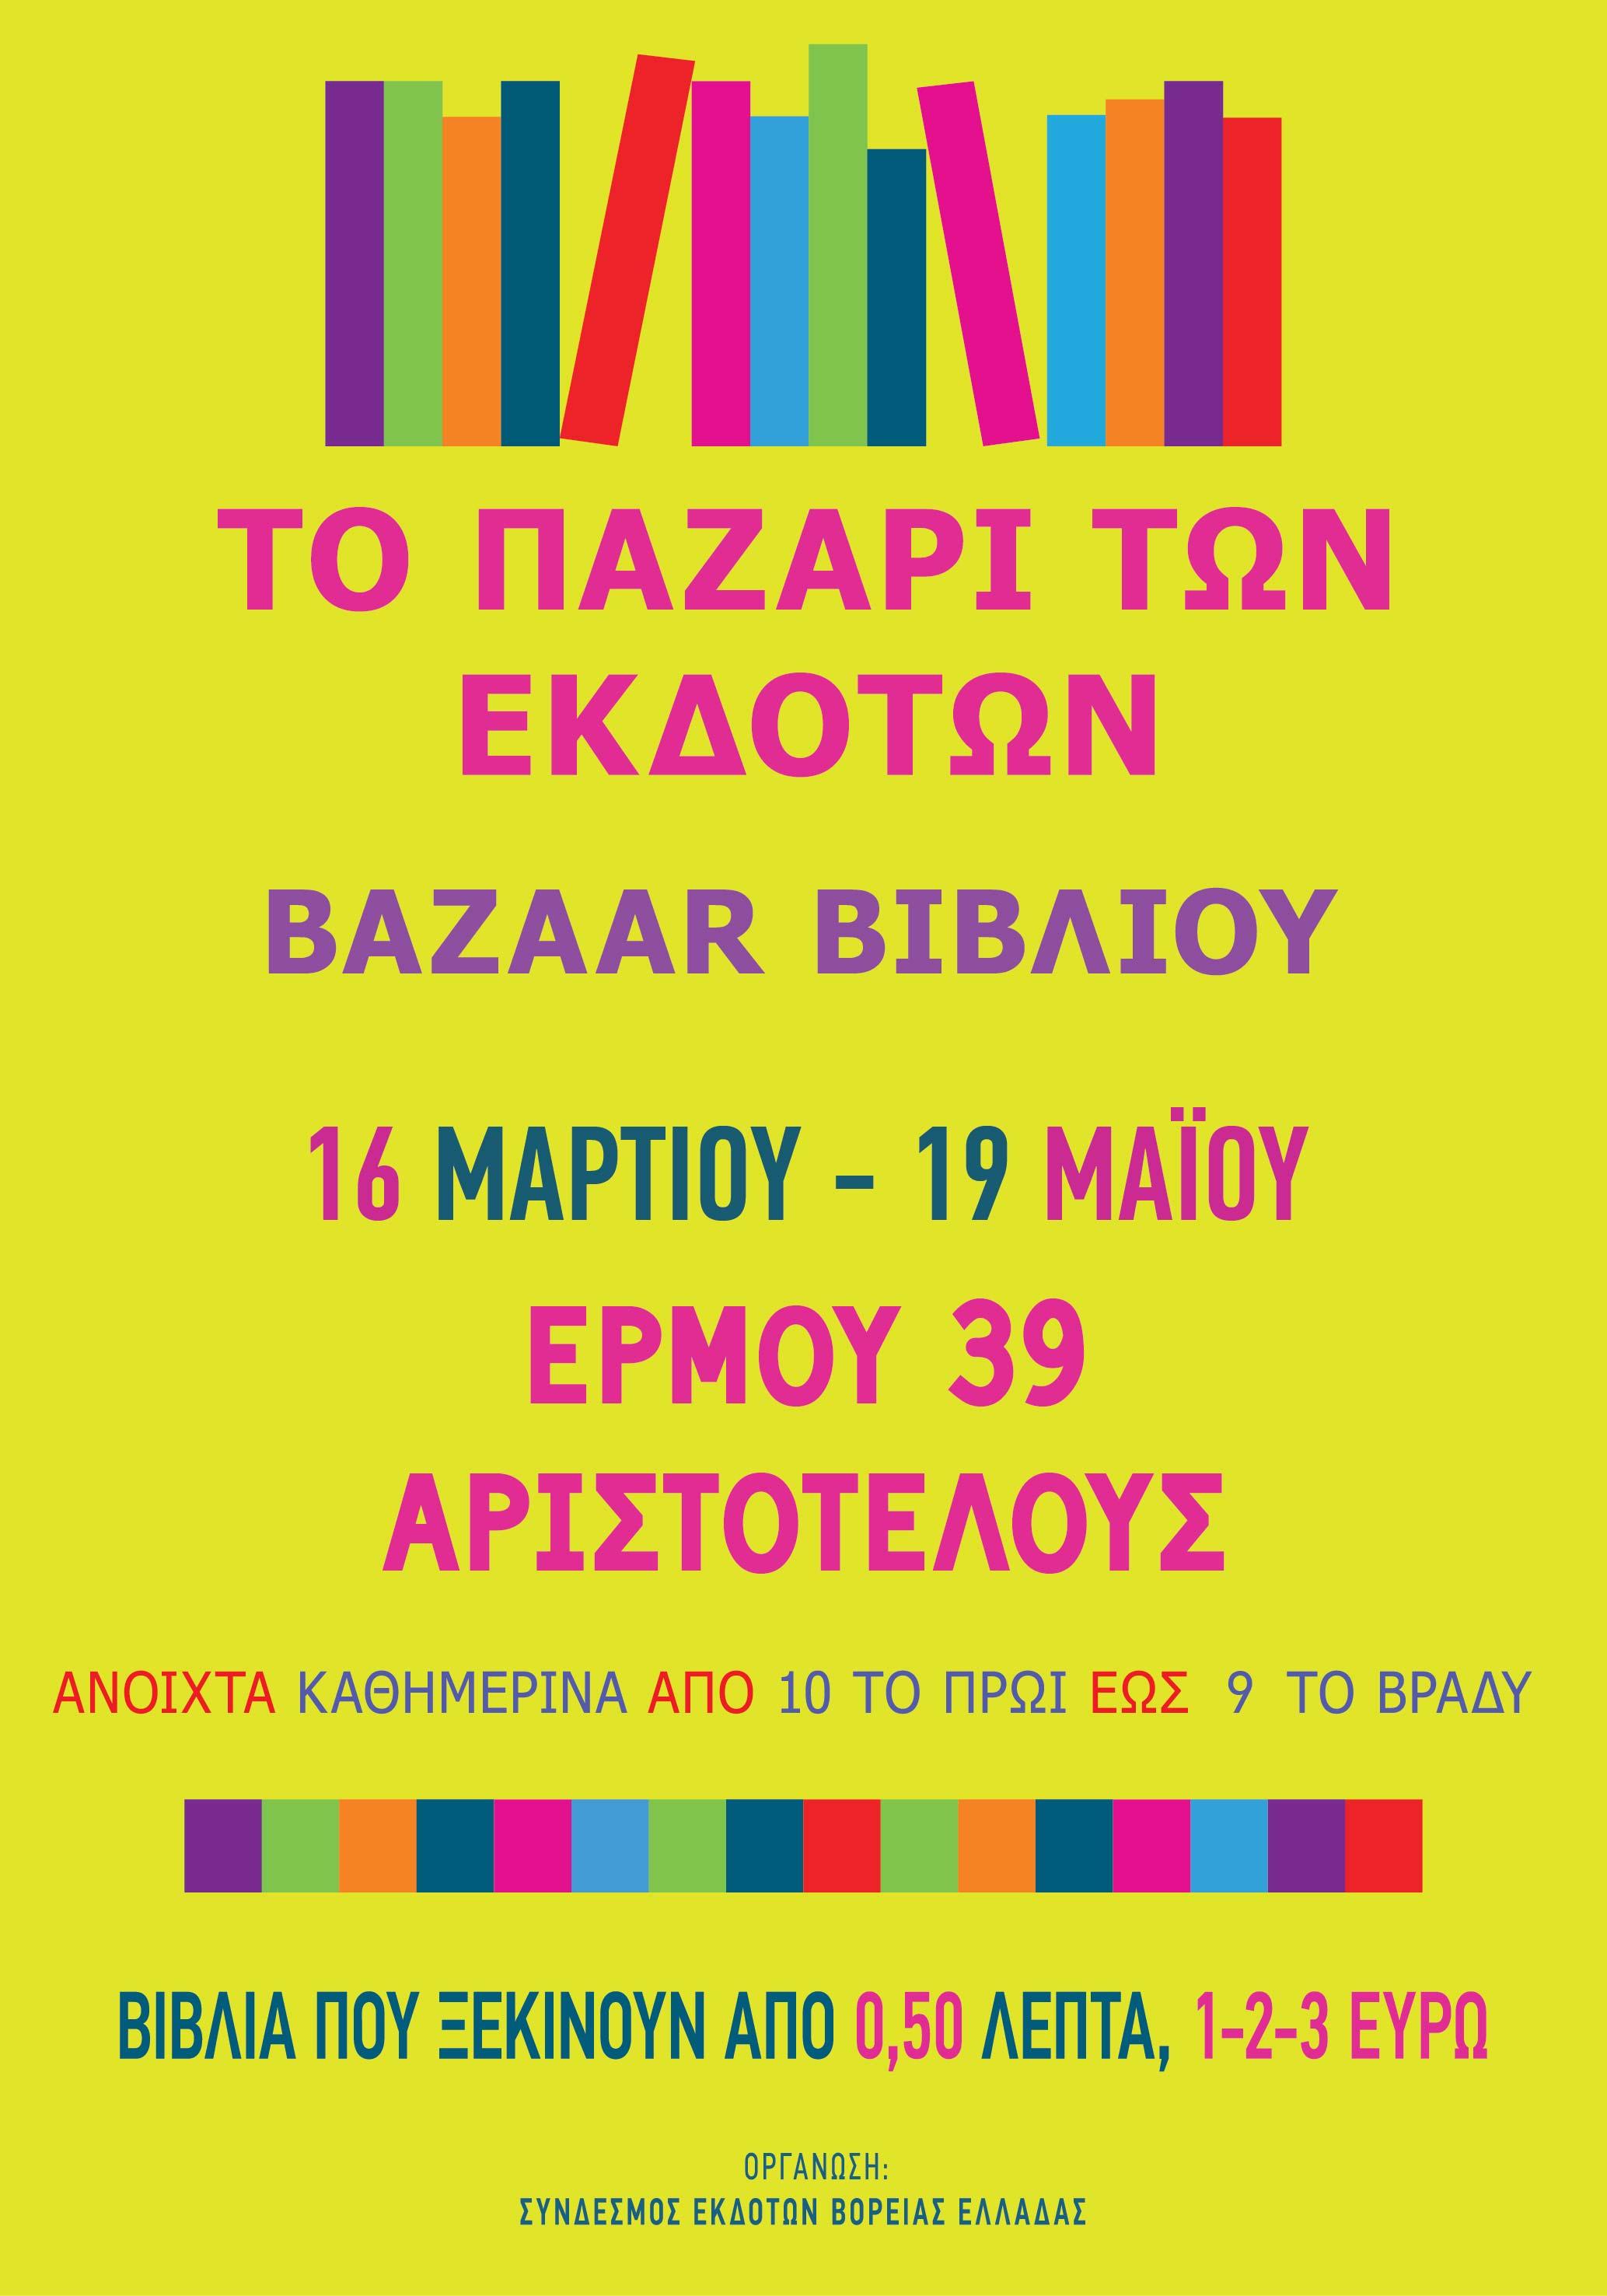 Αναβάλλεται για τεχνικούς λόγους το Πασχαλινό Bazaar Βιβλίου των εκδοτών